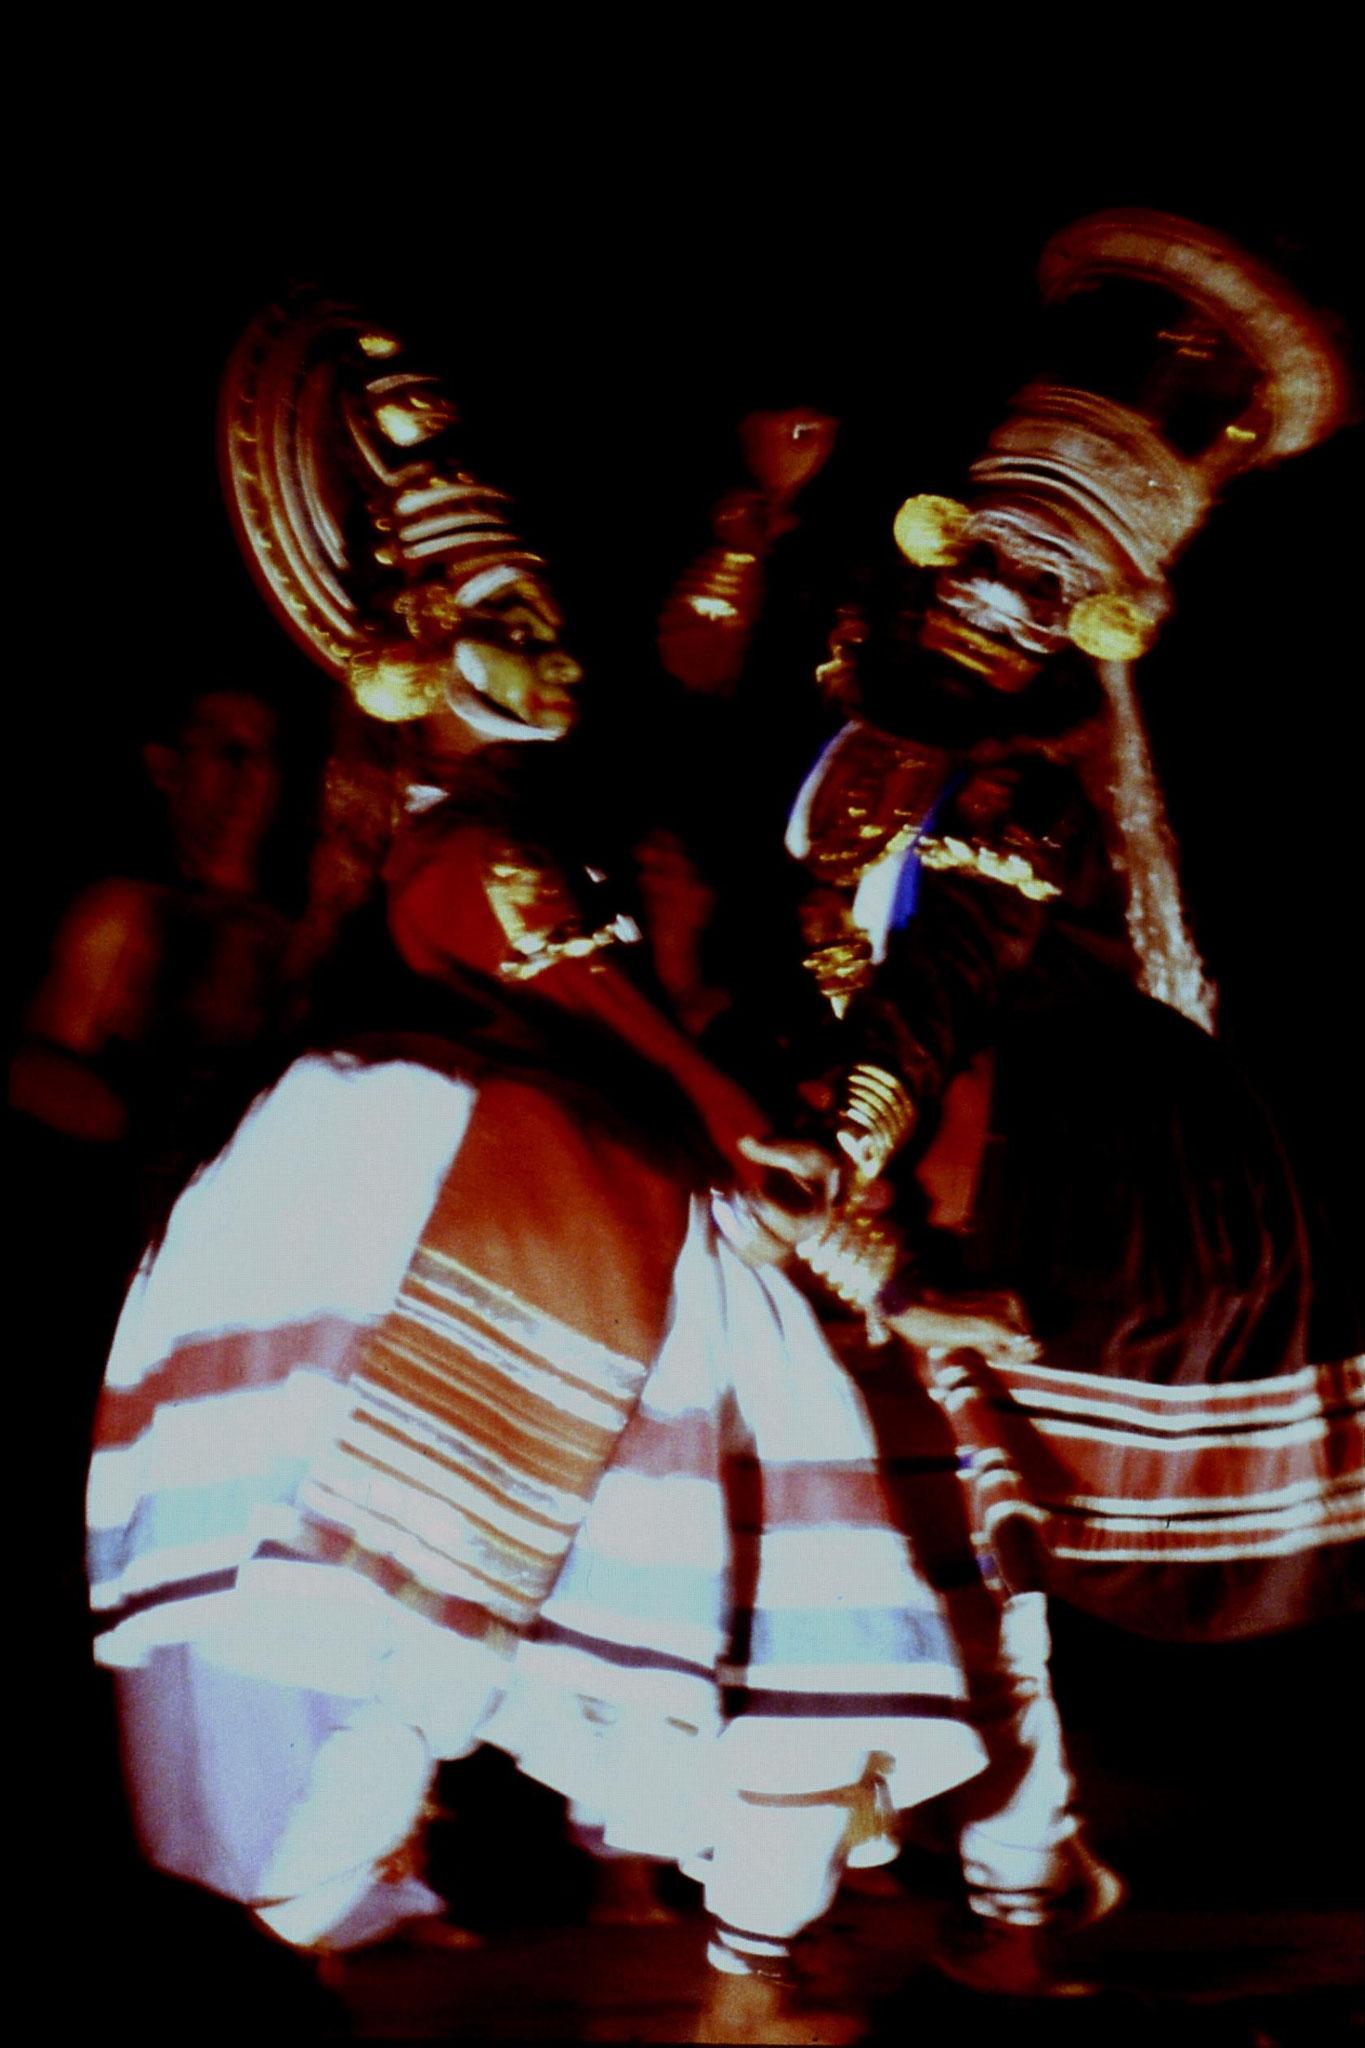 106/27: 24/2/1990 Erkunaculum - See India Foundation - Kathakali Dance